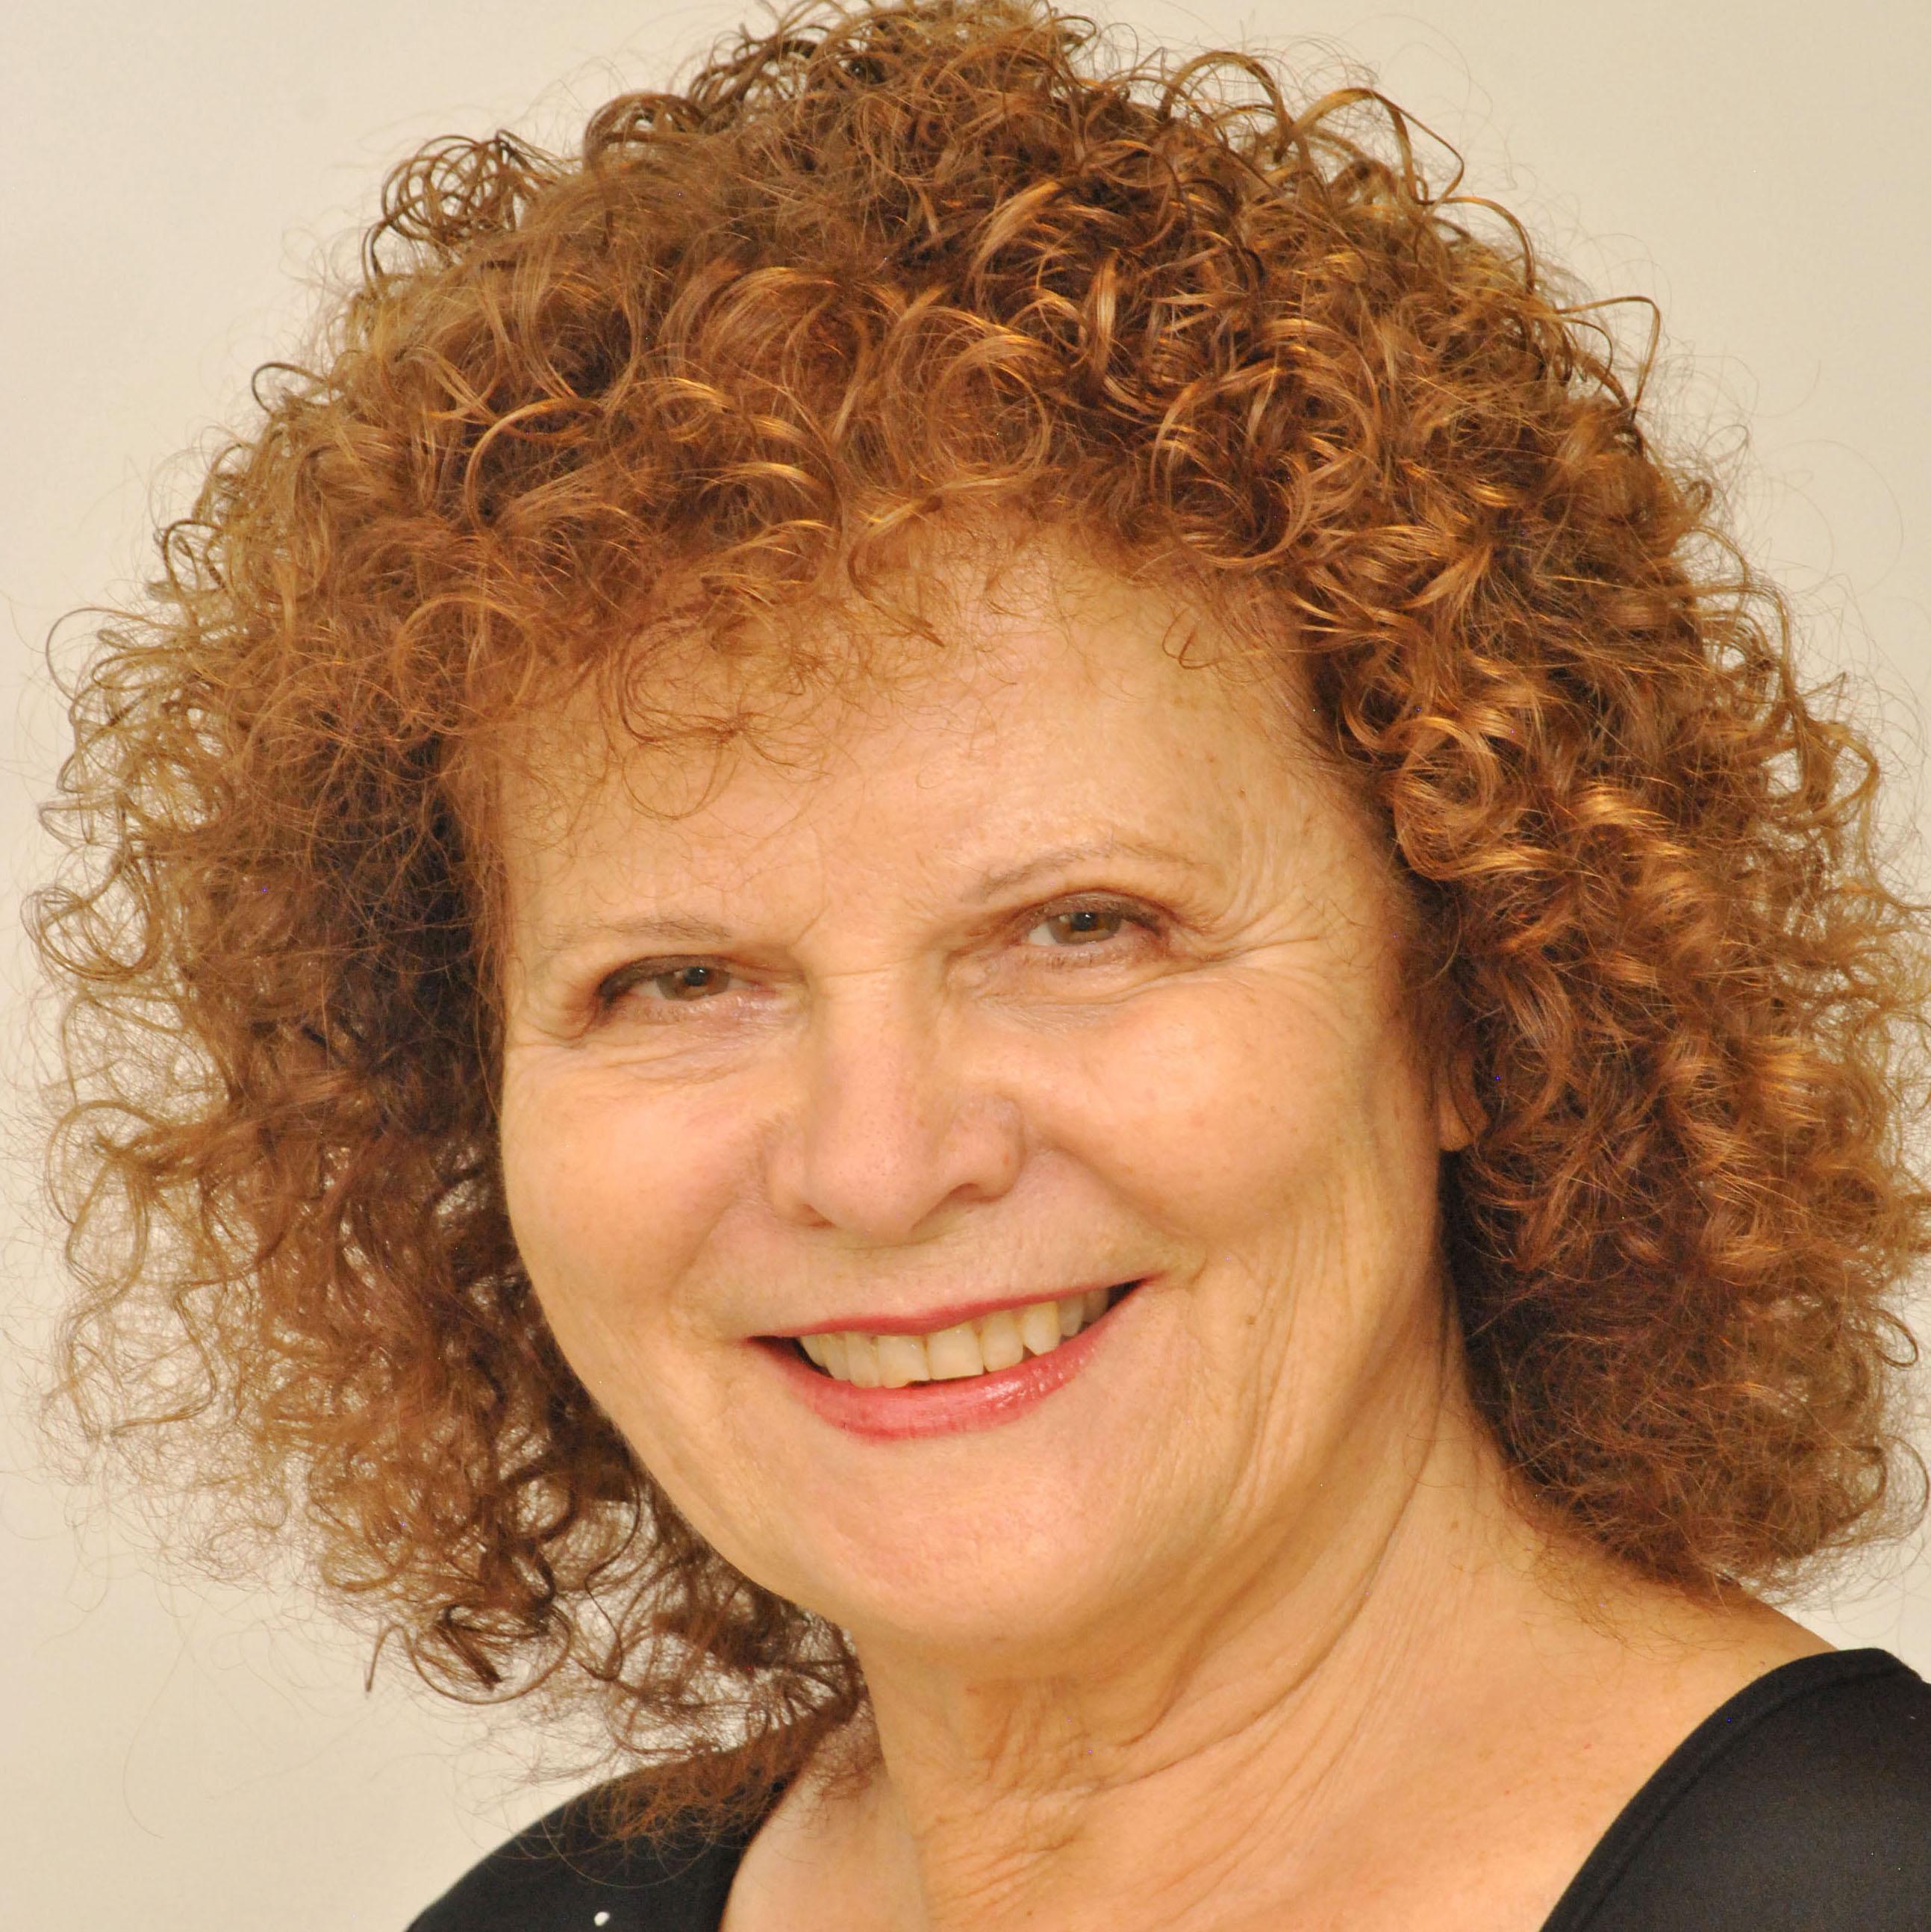 Elisa Leonelli